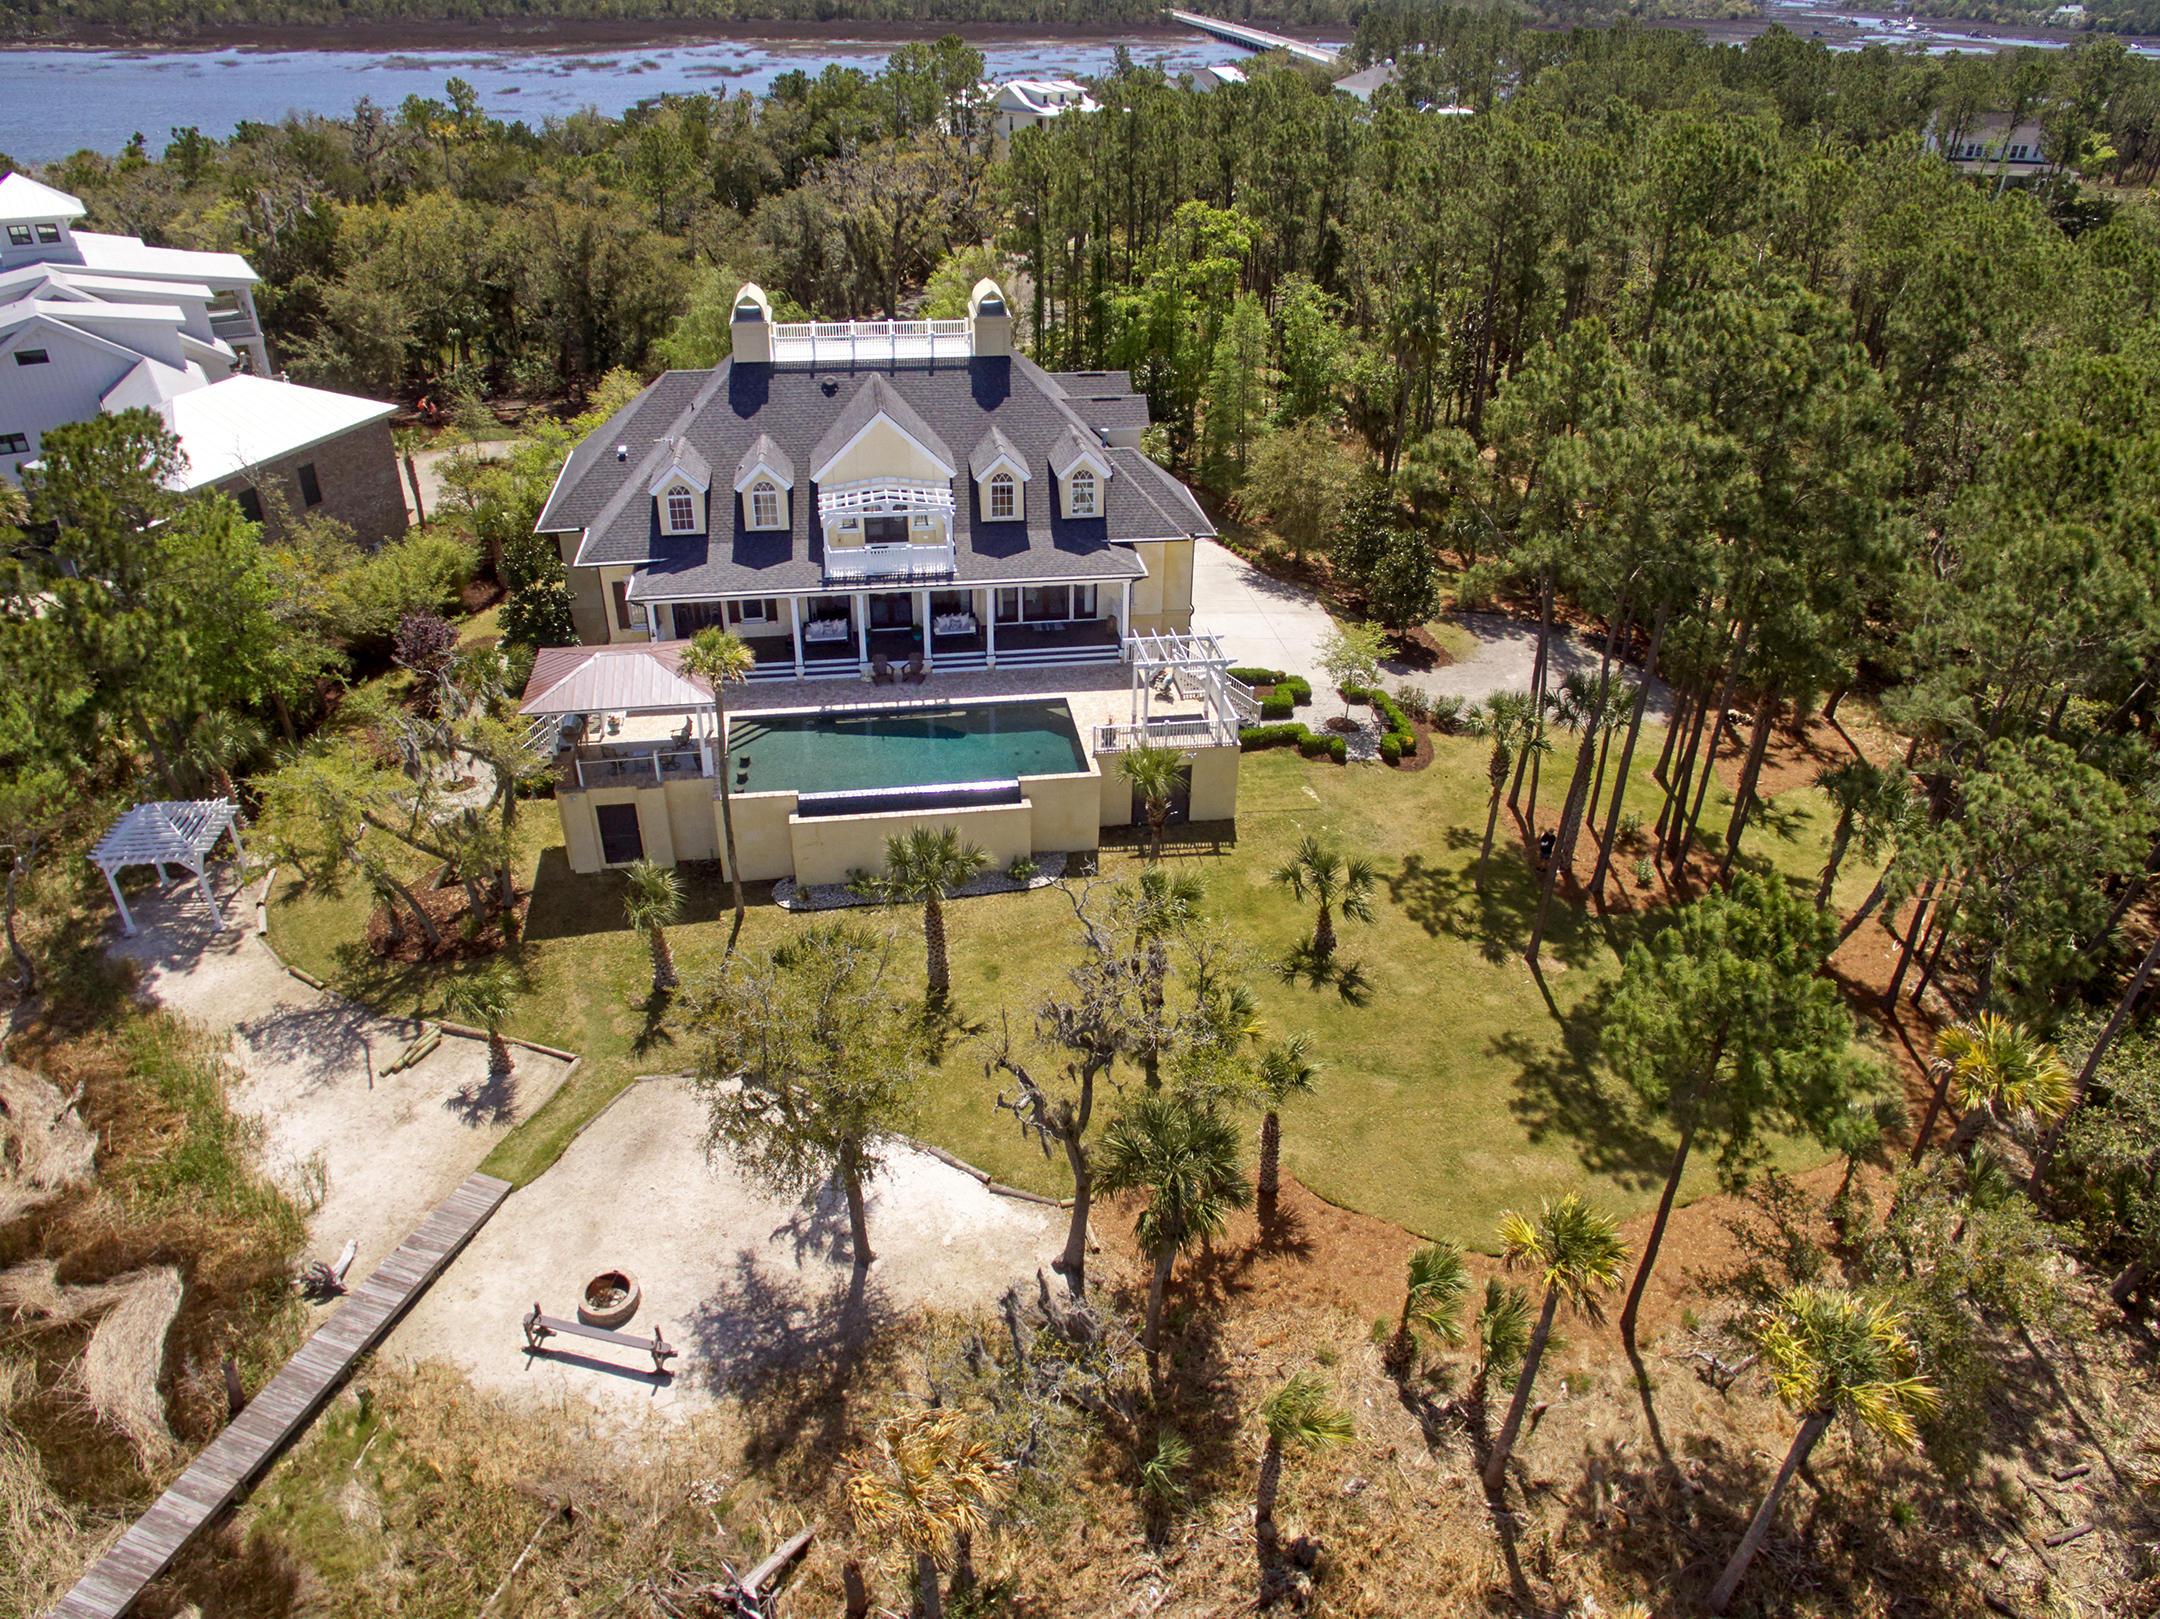 Park West Homes For Sale - 3885 Ashton Shore, Mount Pleasant, SC - 15